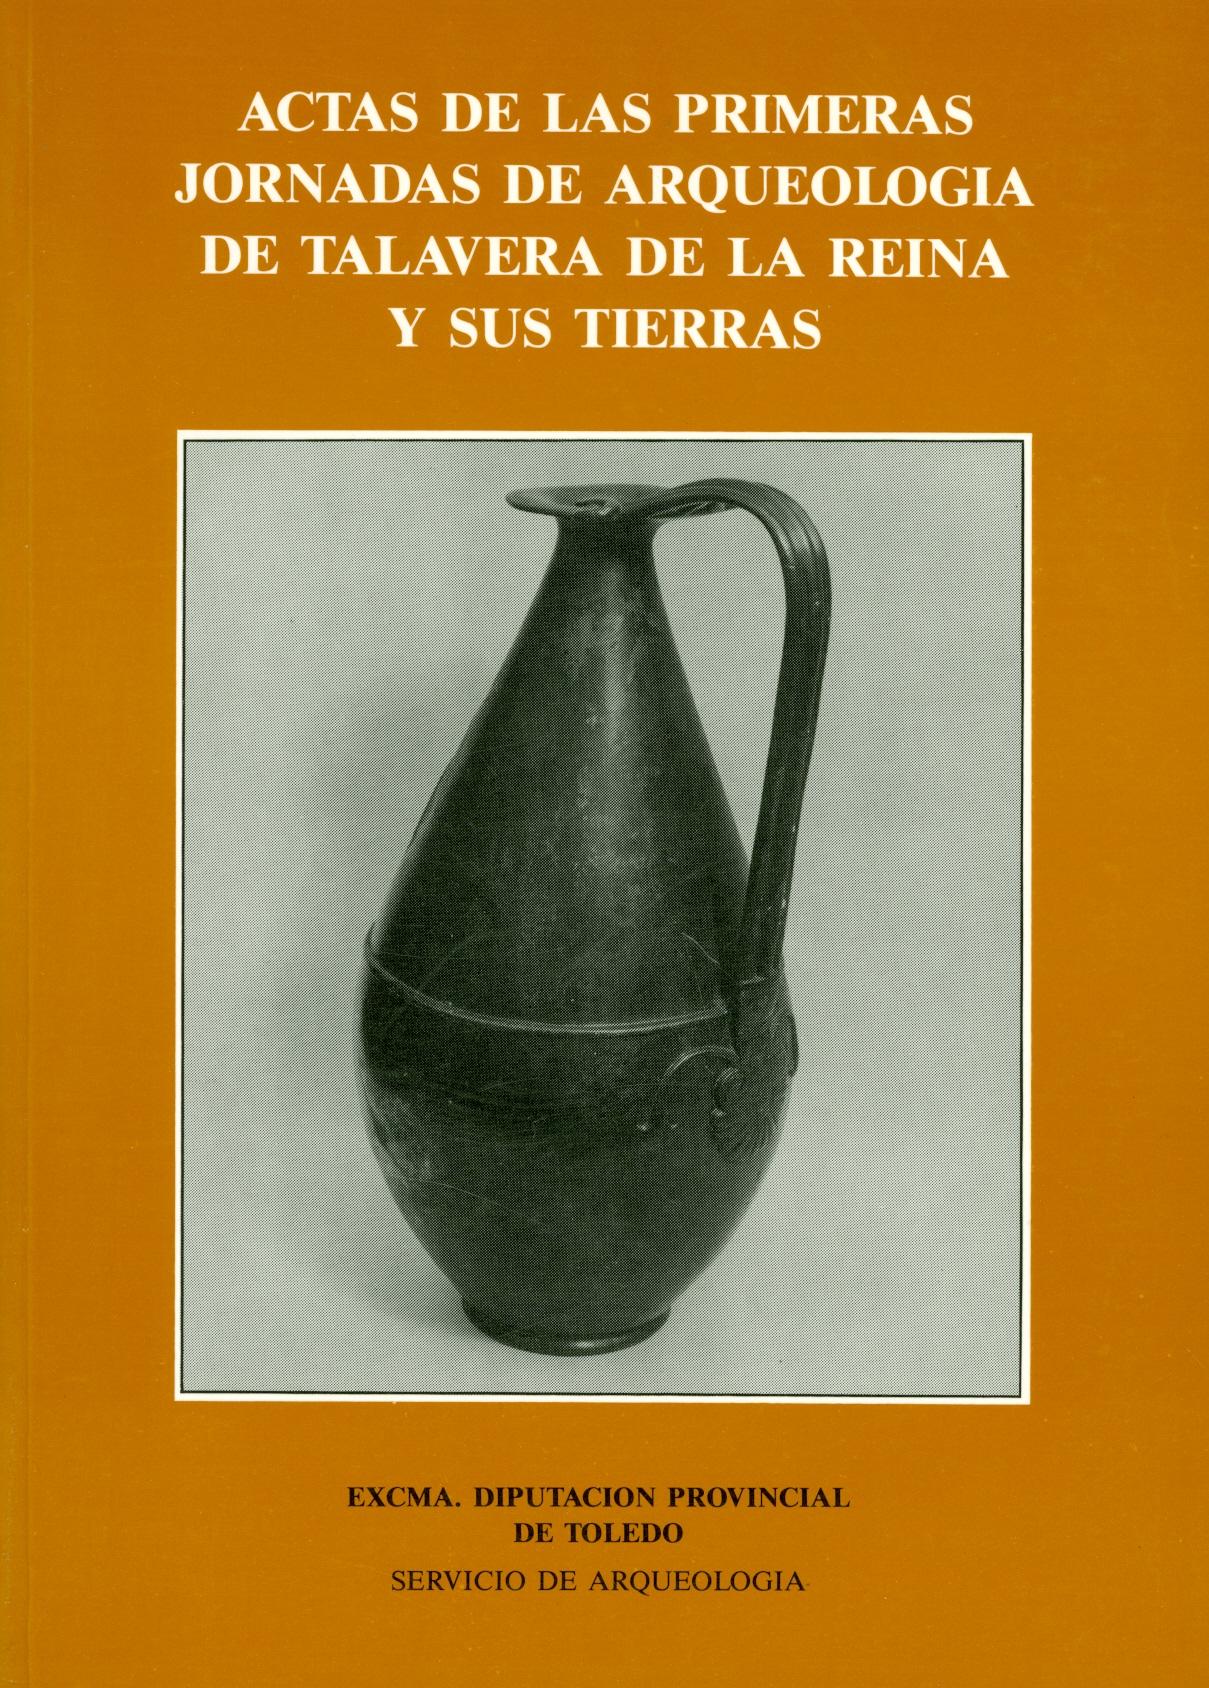 Actas de las primeras jornadas de Arqueología de Talavera de la Reina y sus tierras